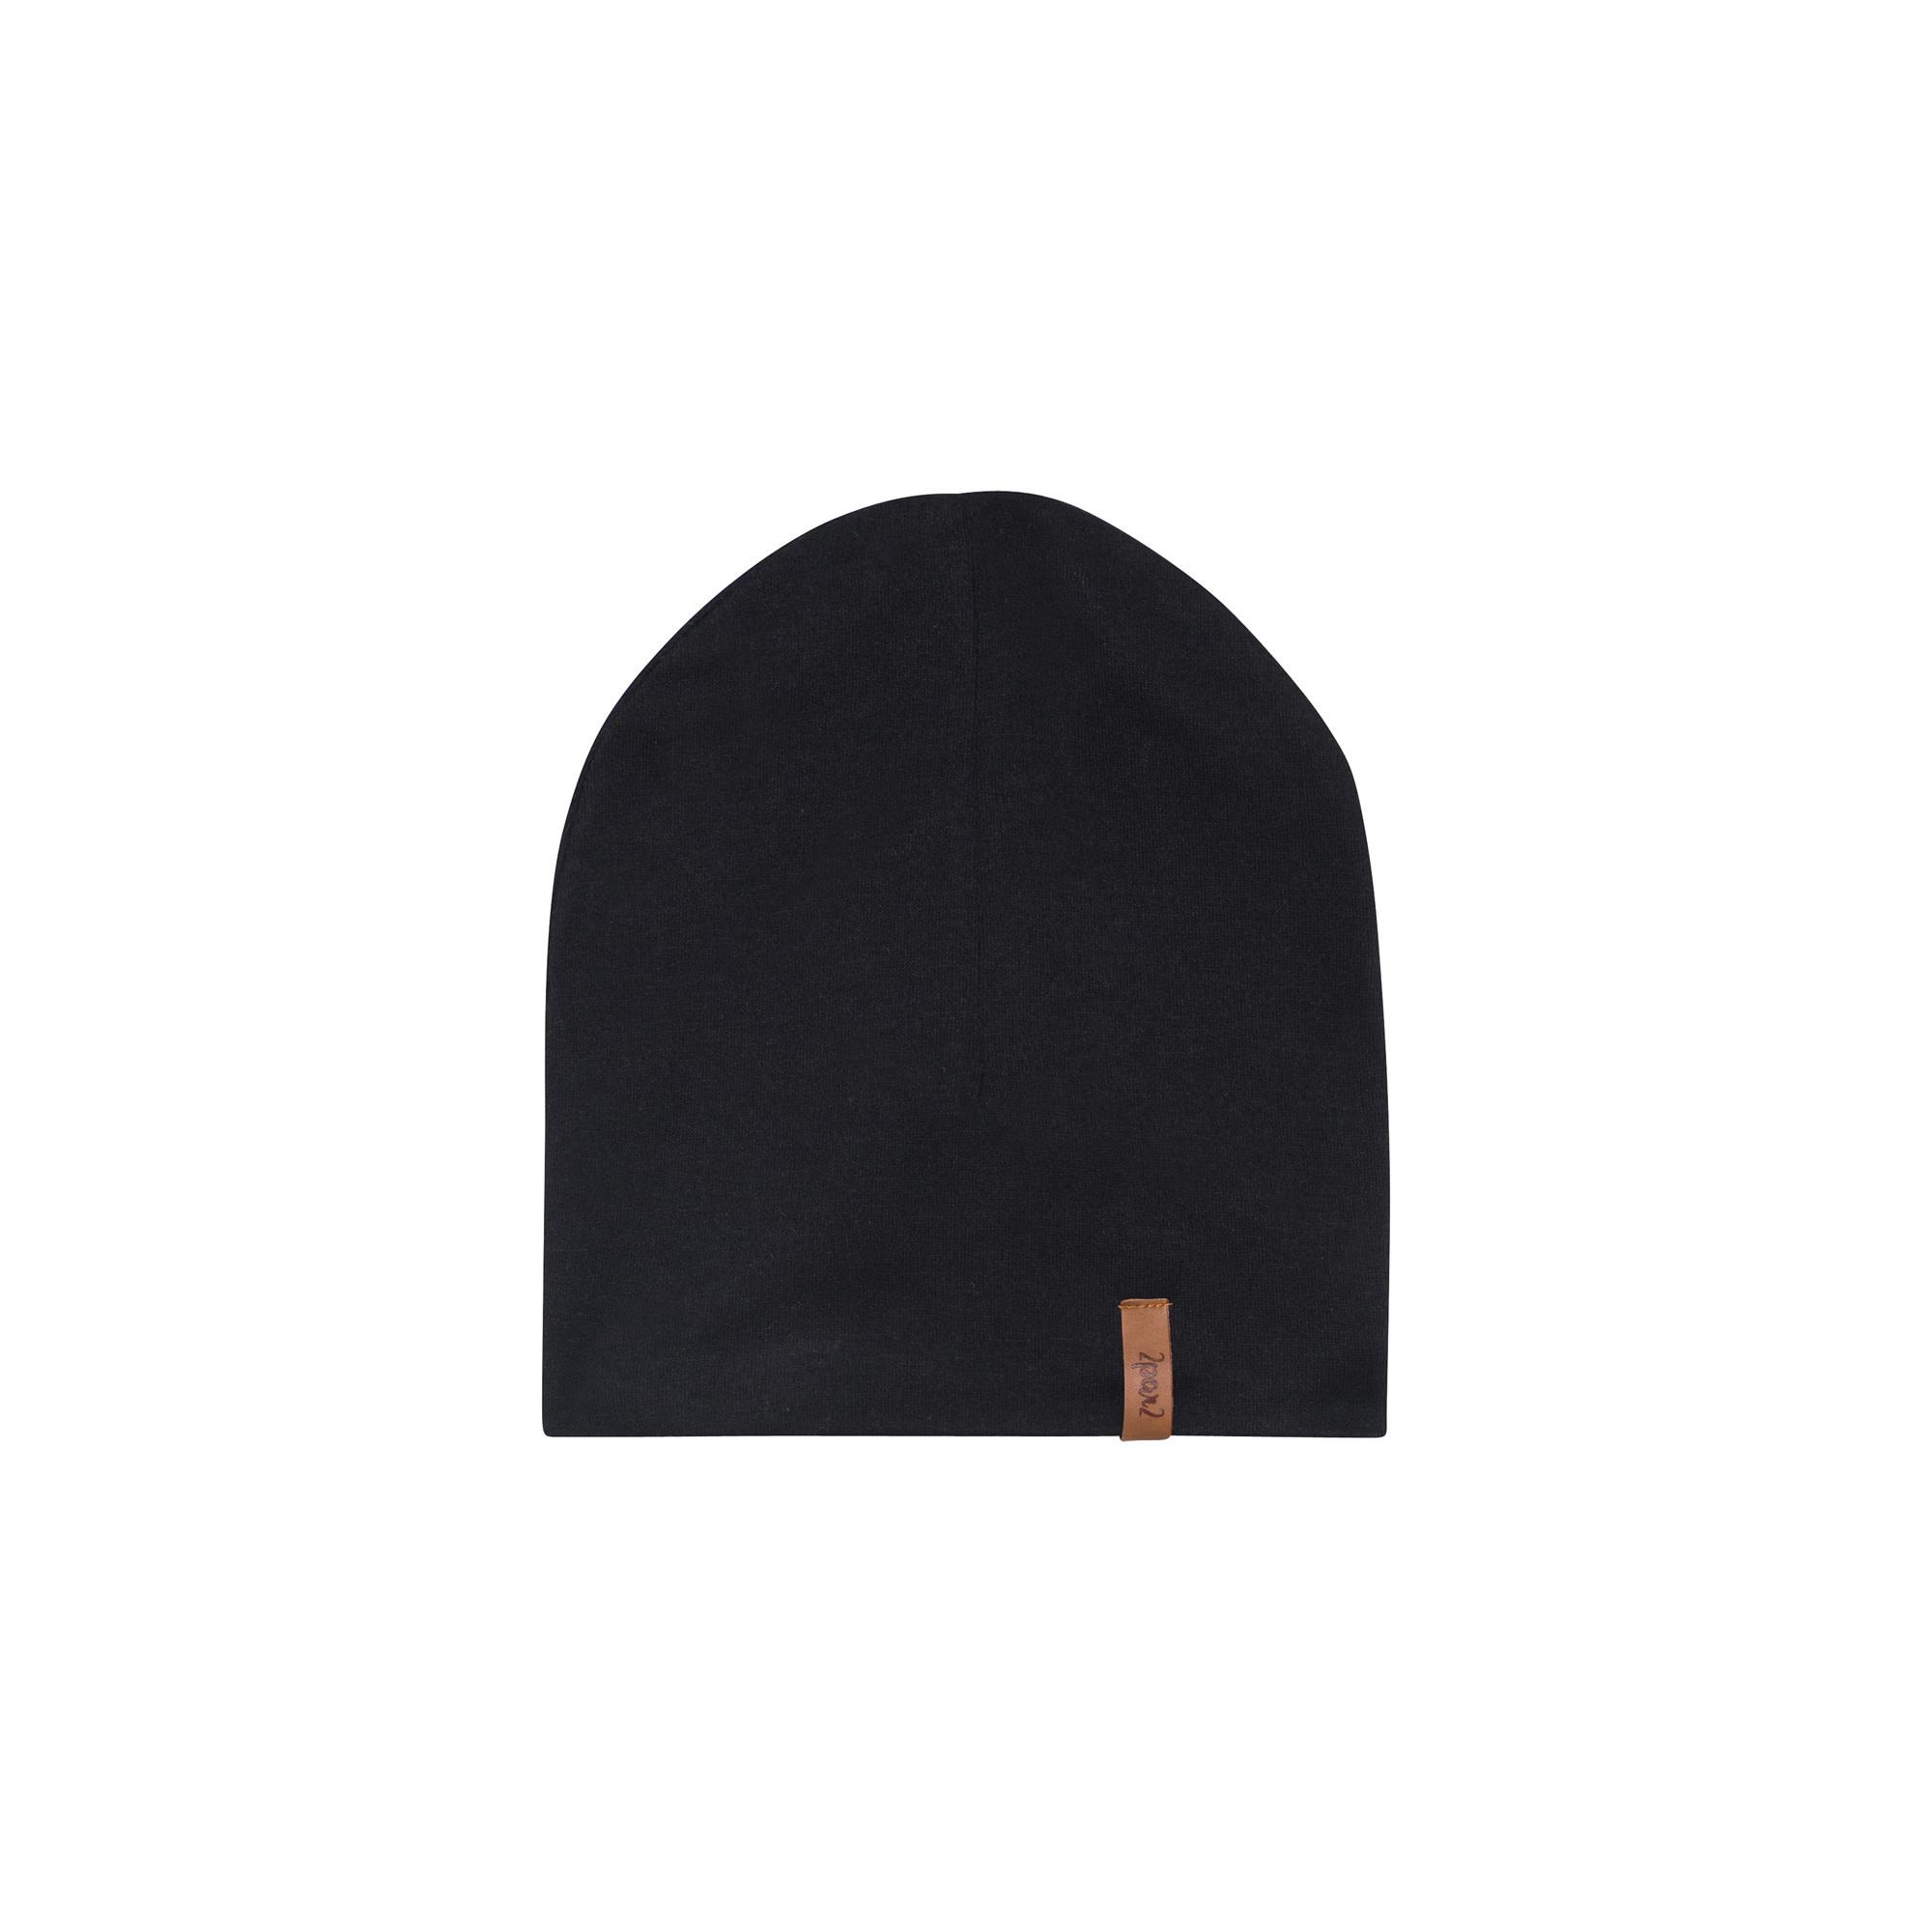 Bonnet Noir-3